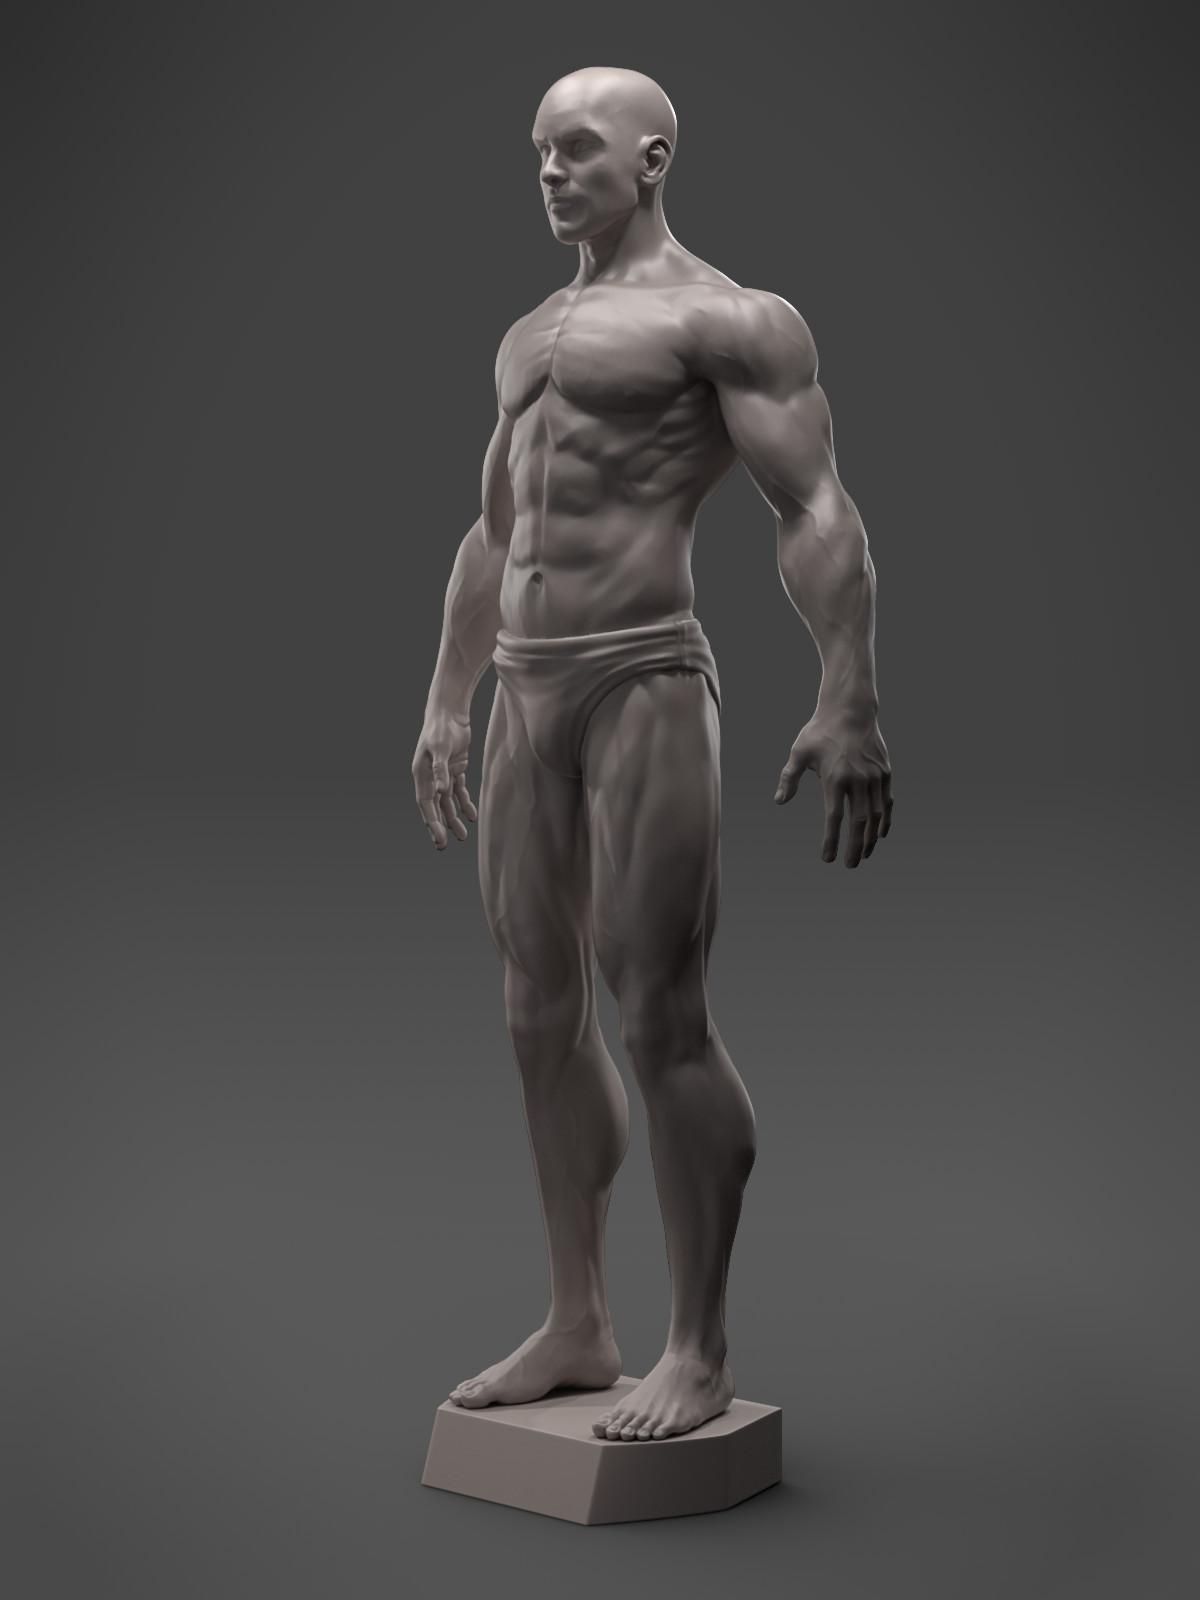 Hector moran anatomyguy quarter